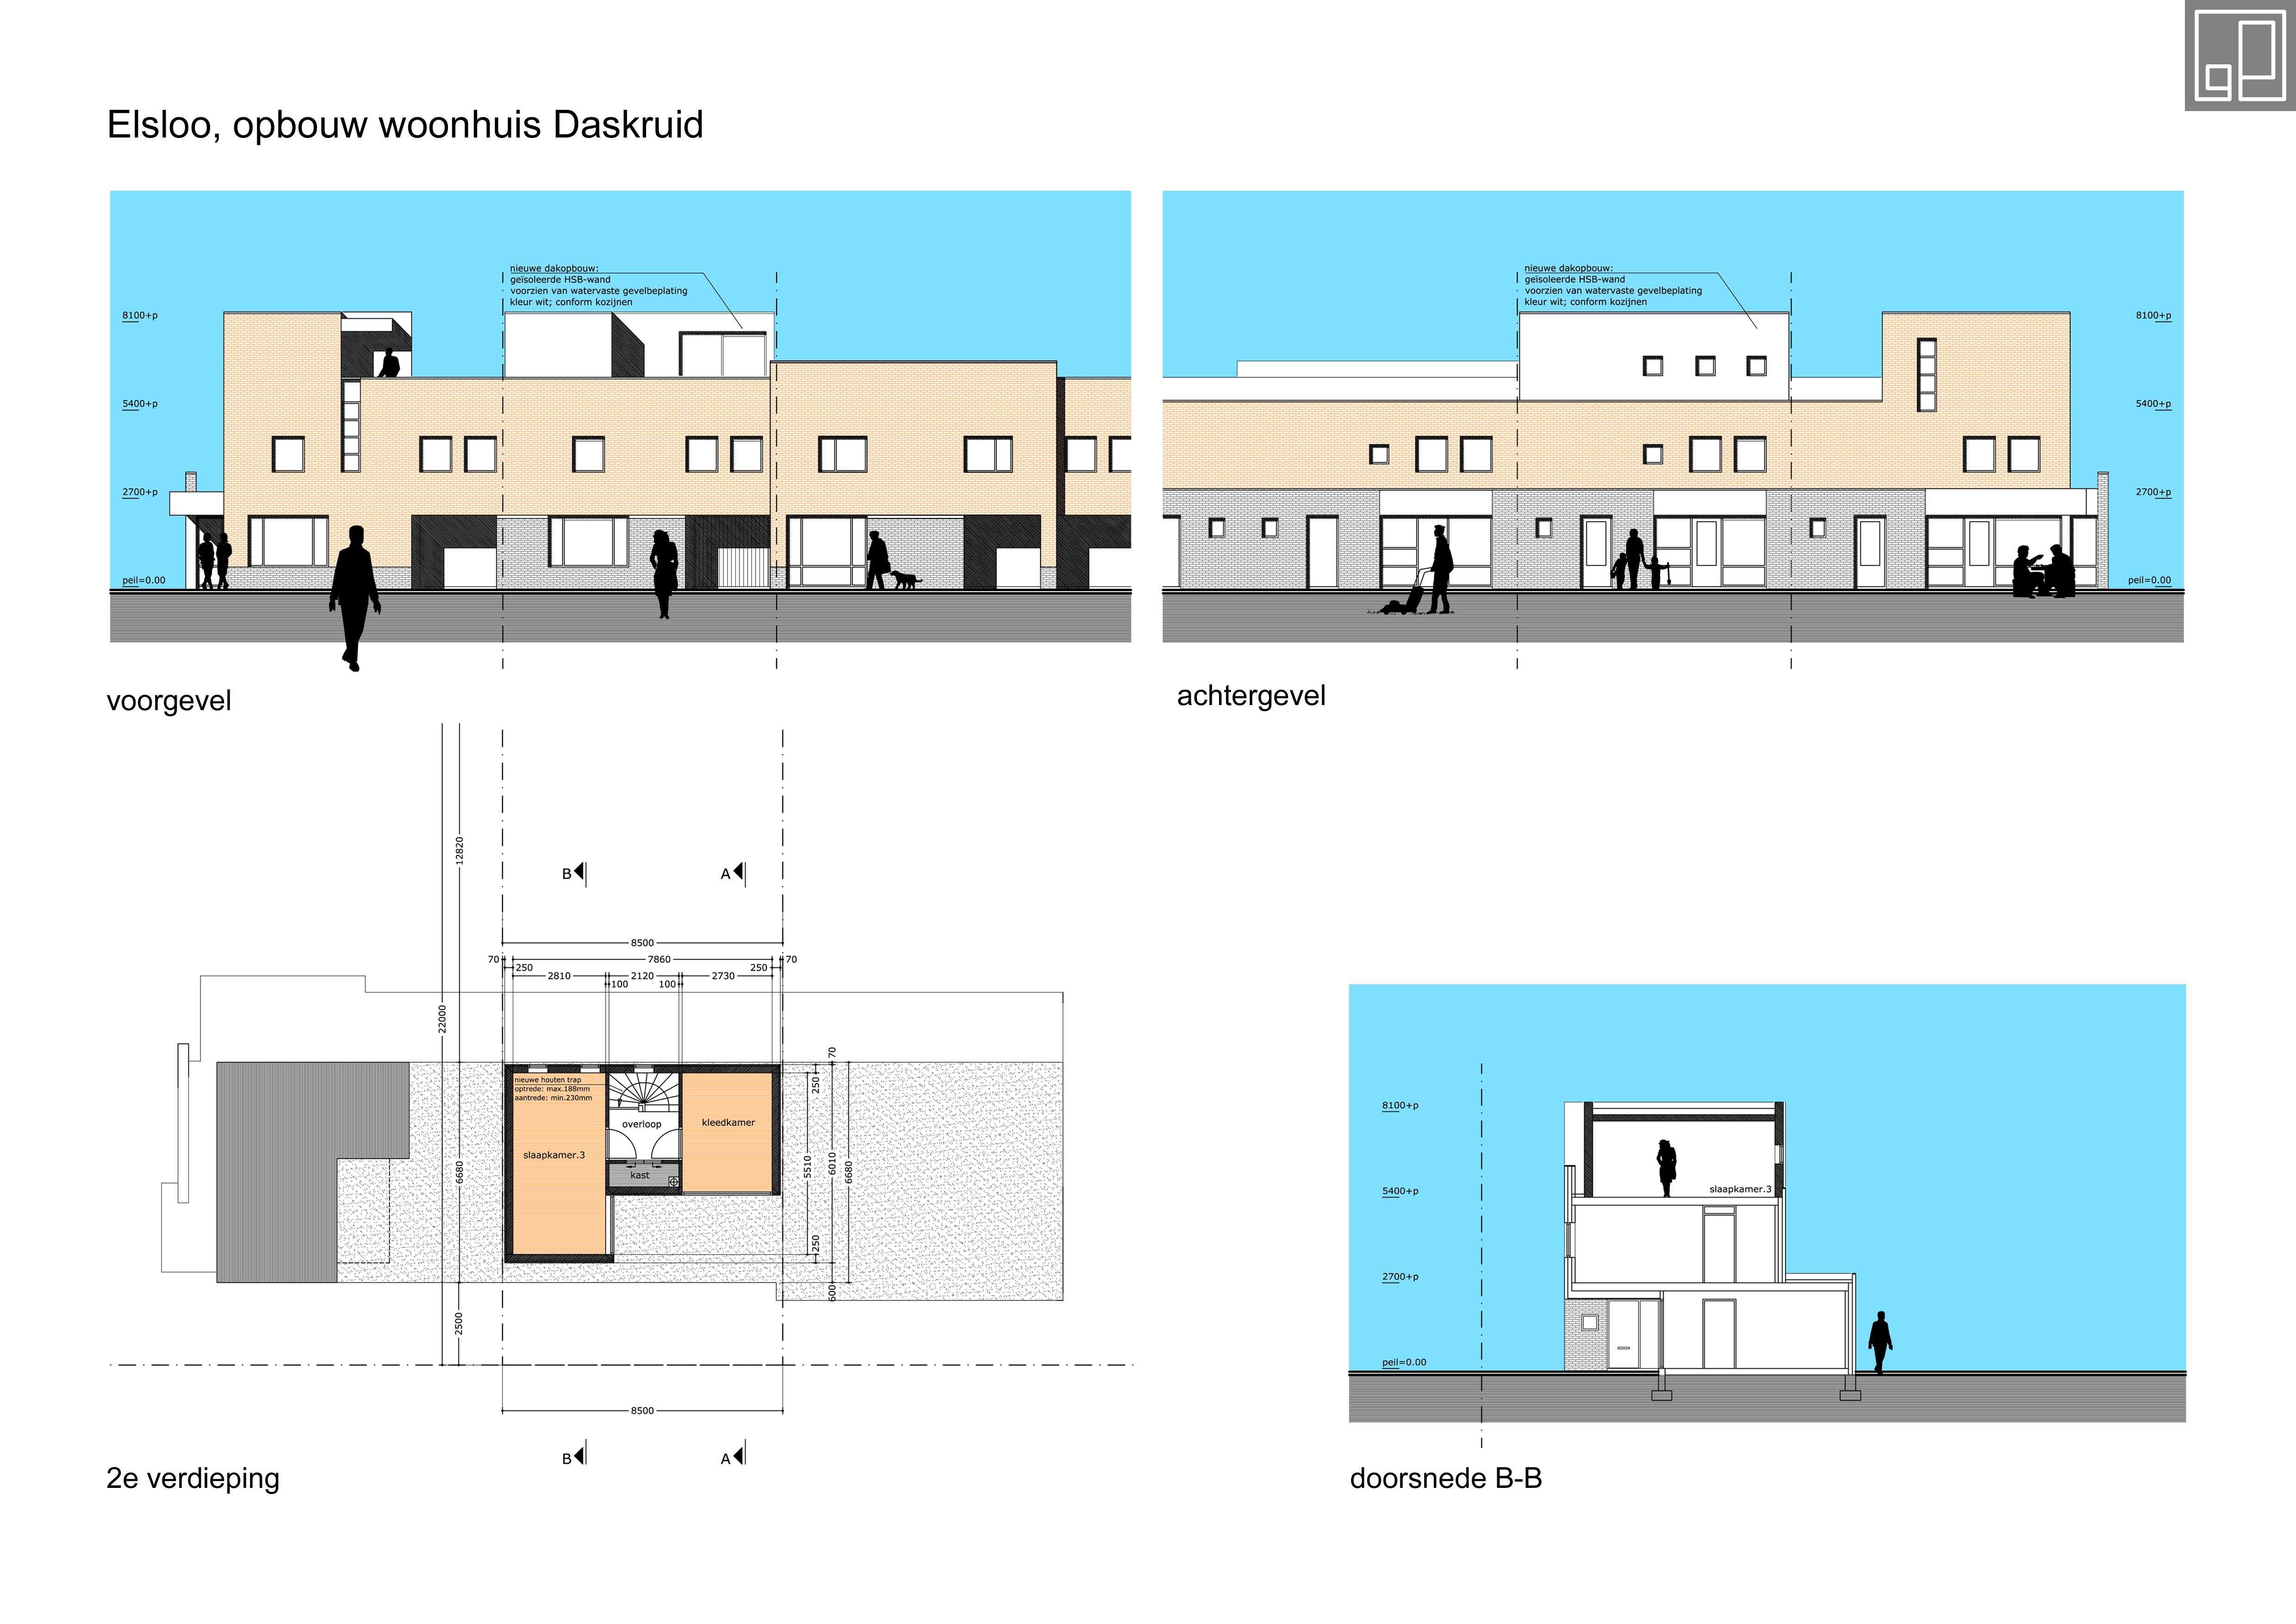 Uitbreiding woonhuis Elsloo